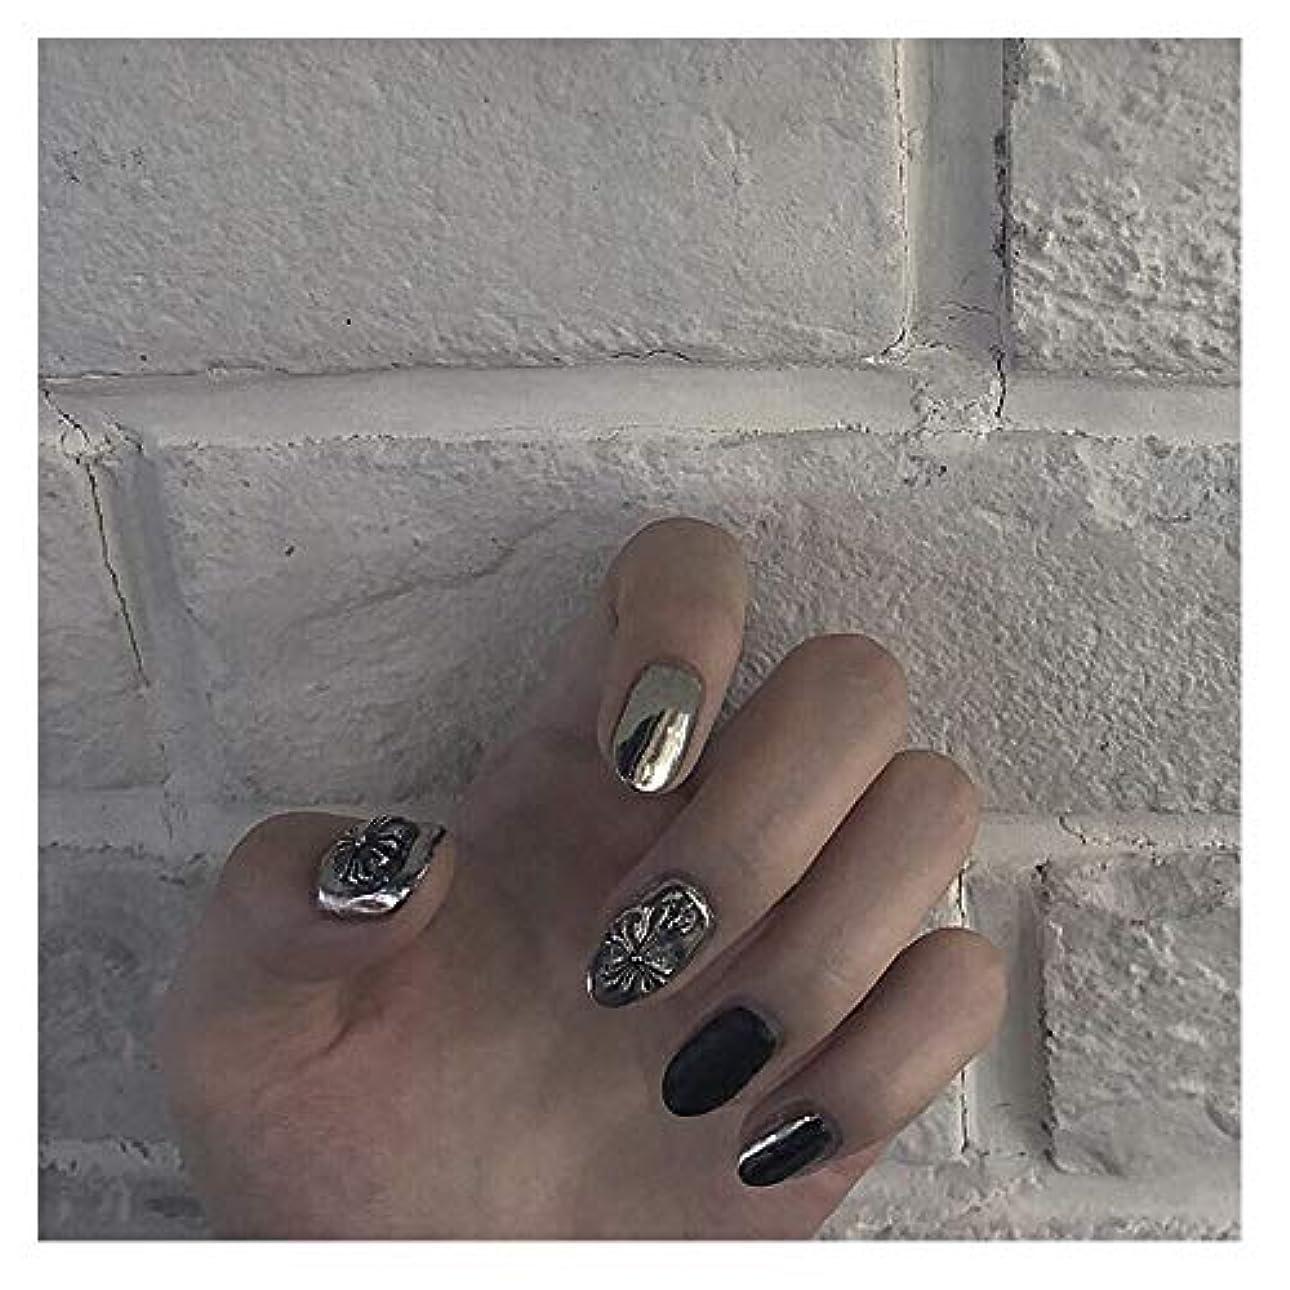 まつげ敷居幾分LVUITTON シルバークロスゴススタイルグルーフェイクネイルズファッション単一製品アクセサリーラウンドネイルズ光沢のあるシルバー+ブラック (色 : 24 pieces)